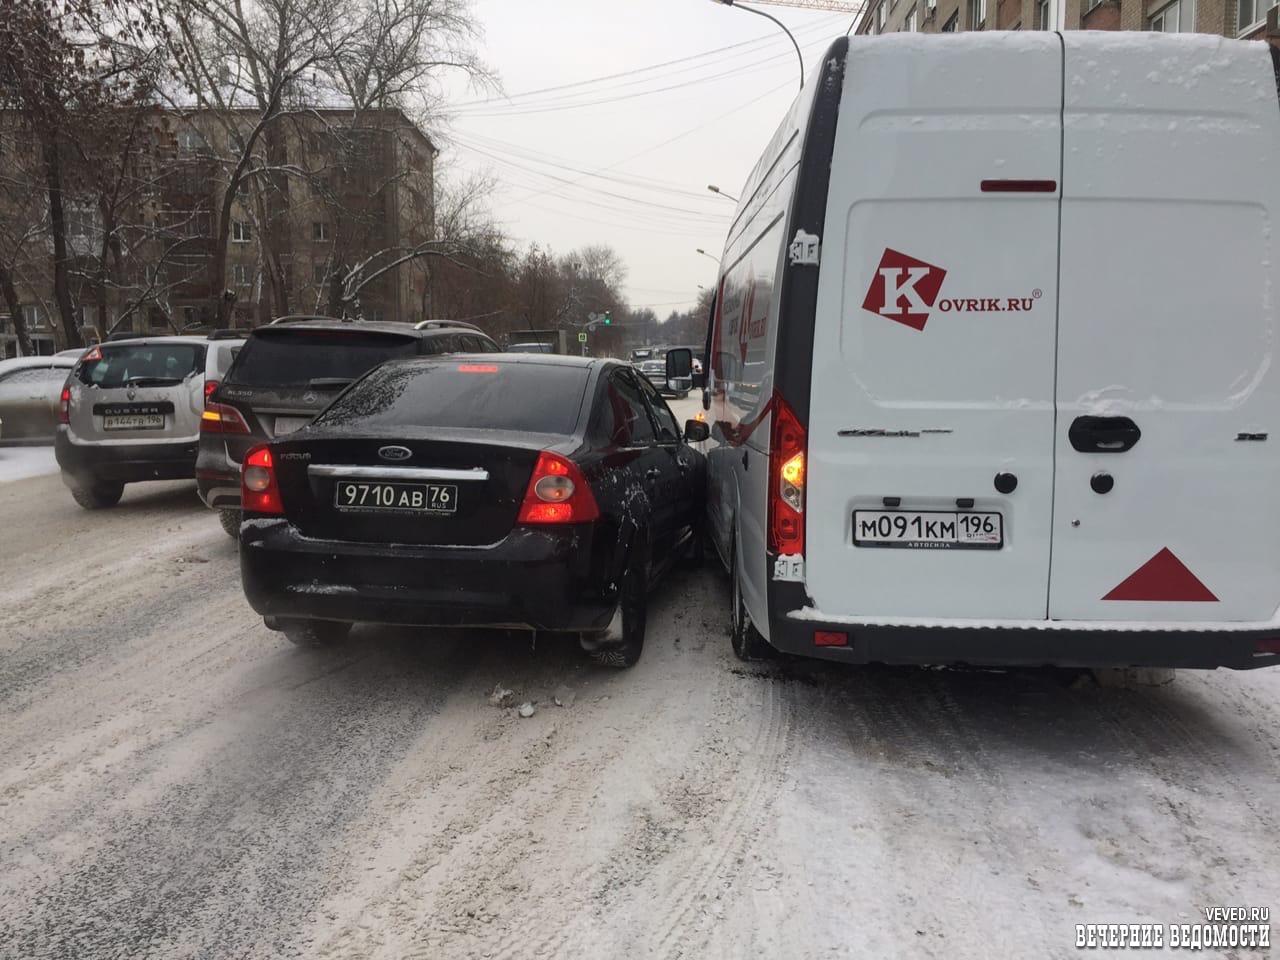 «Армейский» Форд Фокус попал в ДТП в центре Екатеринбурга